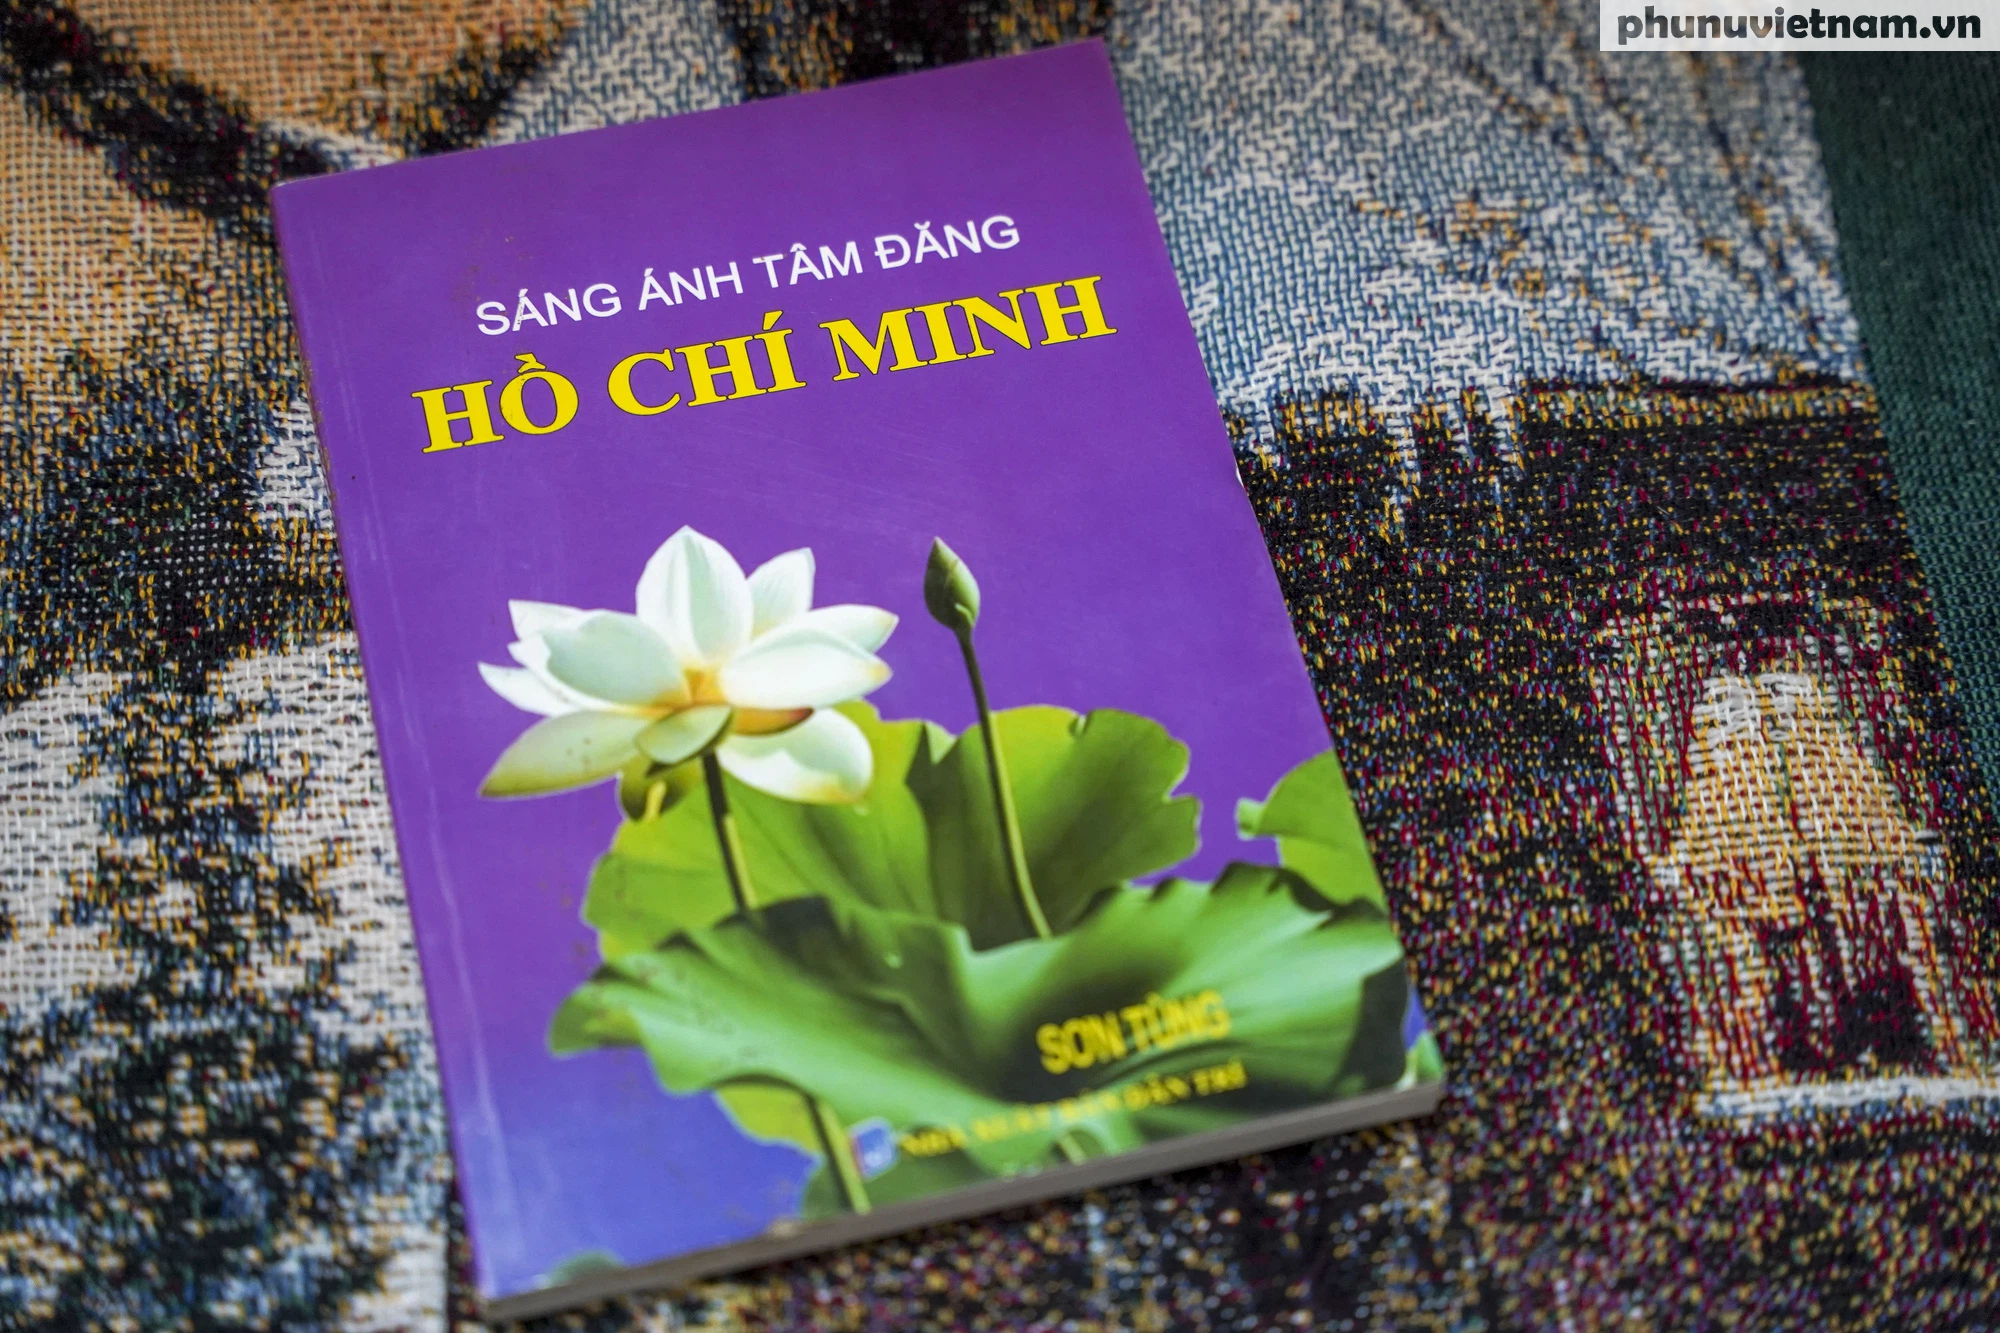 Chiêm ngưỡng kho tàng sáng tác đồ sộ của nhà văn Sơn Tùng về Bác Hồ, danh nhân cách mạng - Ảnh 18.